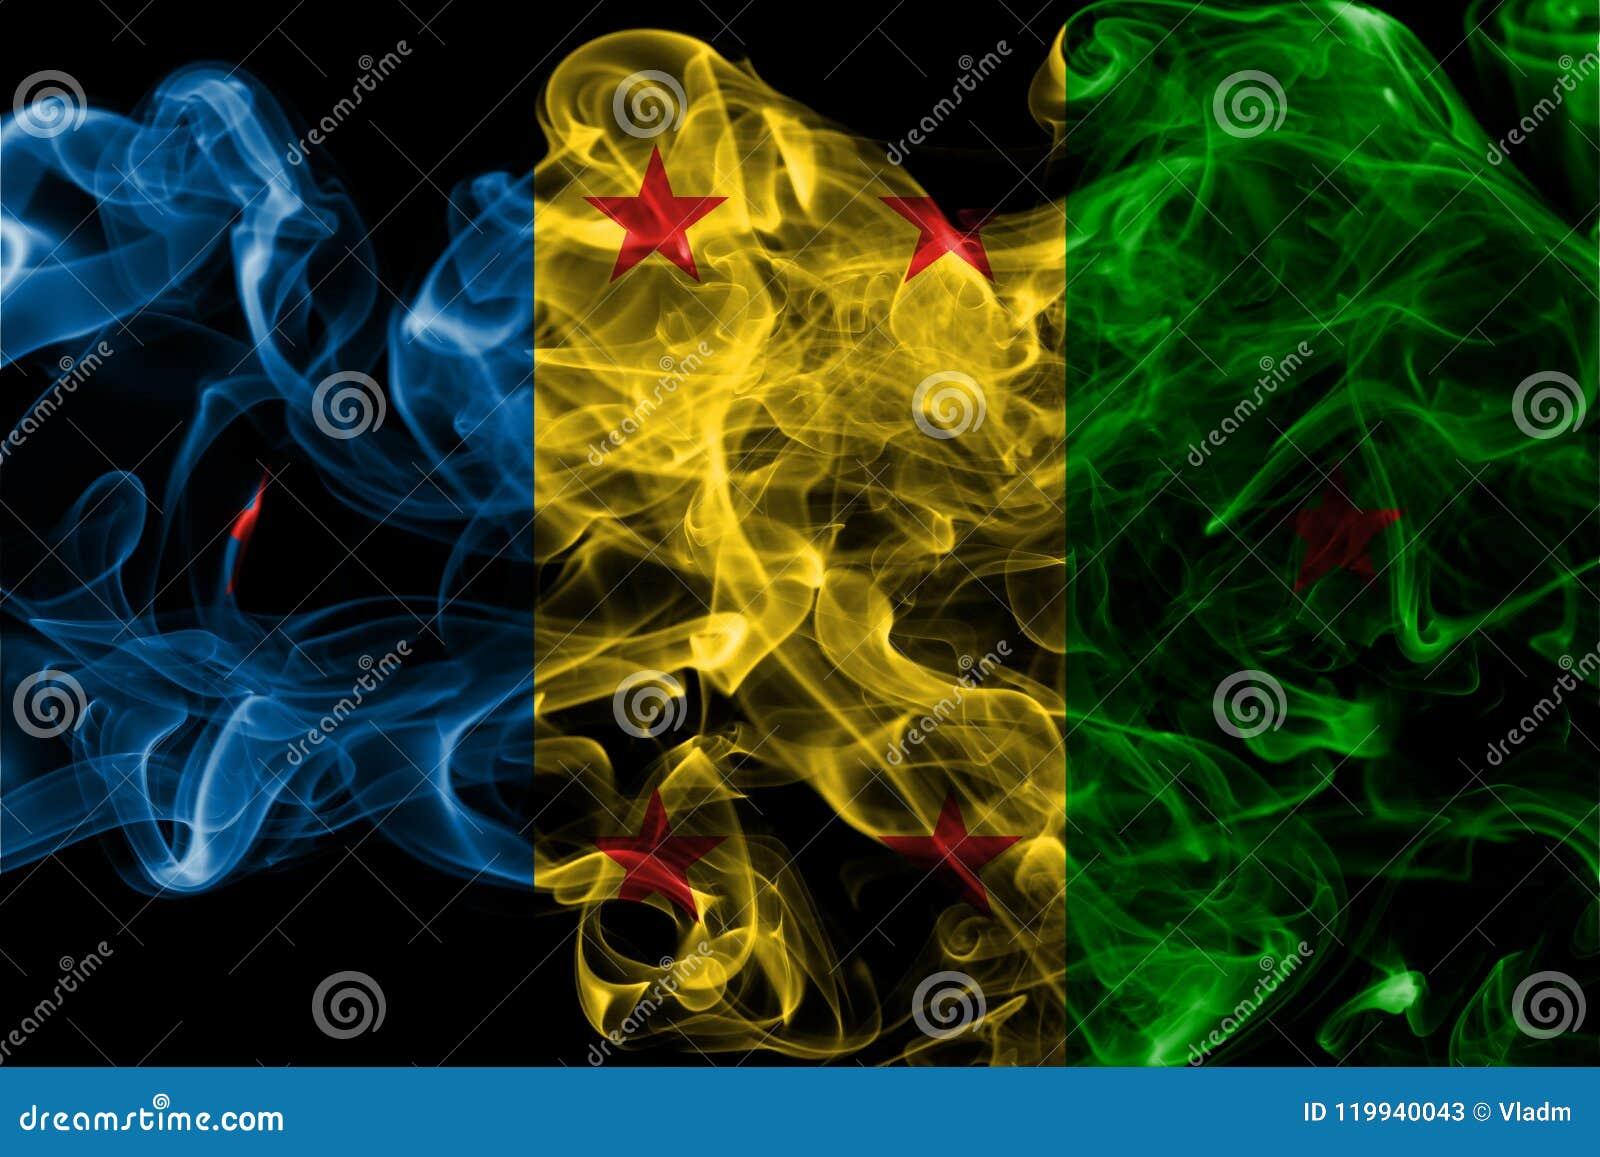 Bandera del humo del reino de Ogoni, bandera dependiente del territorio